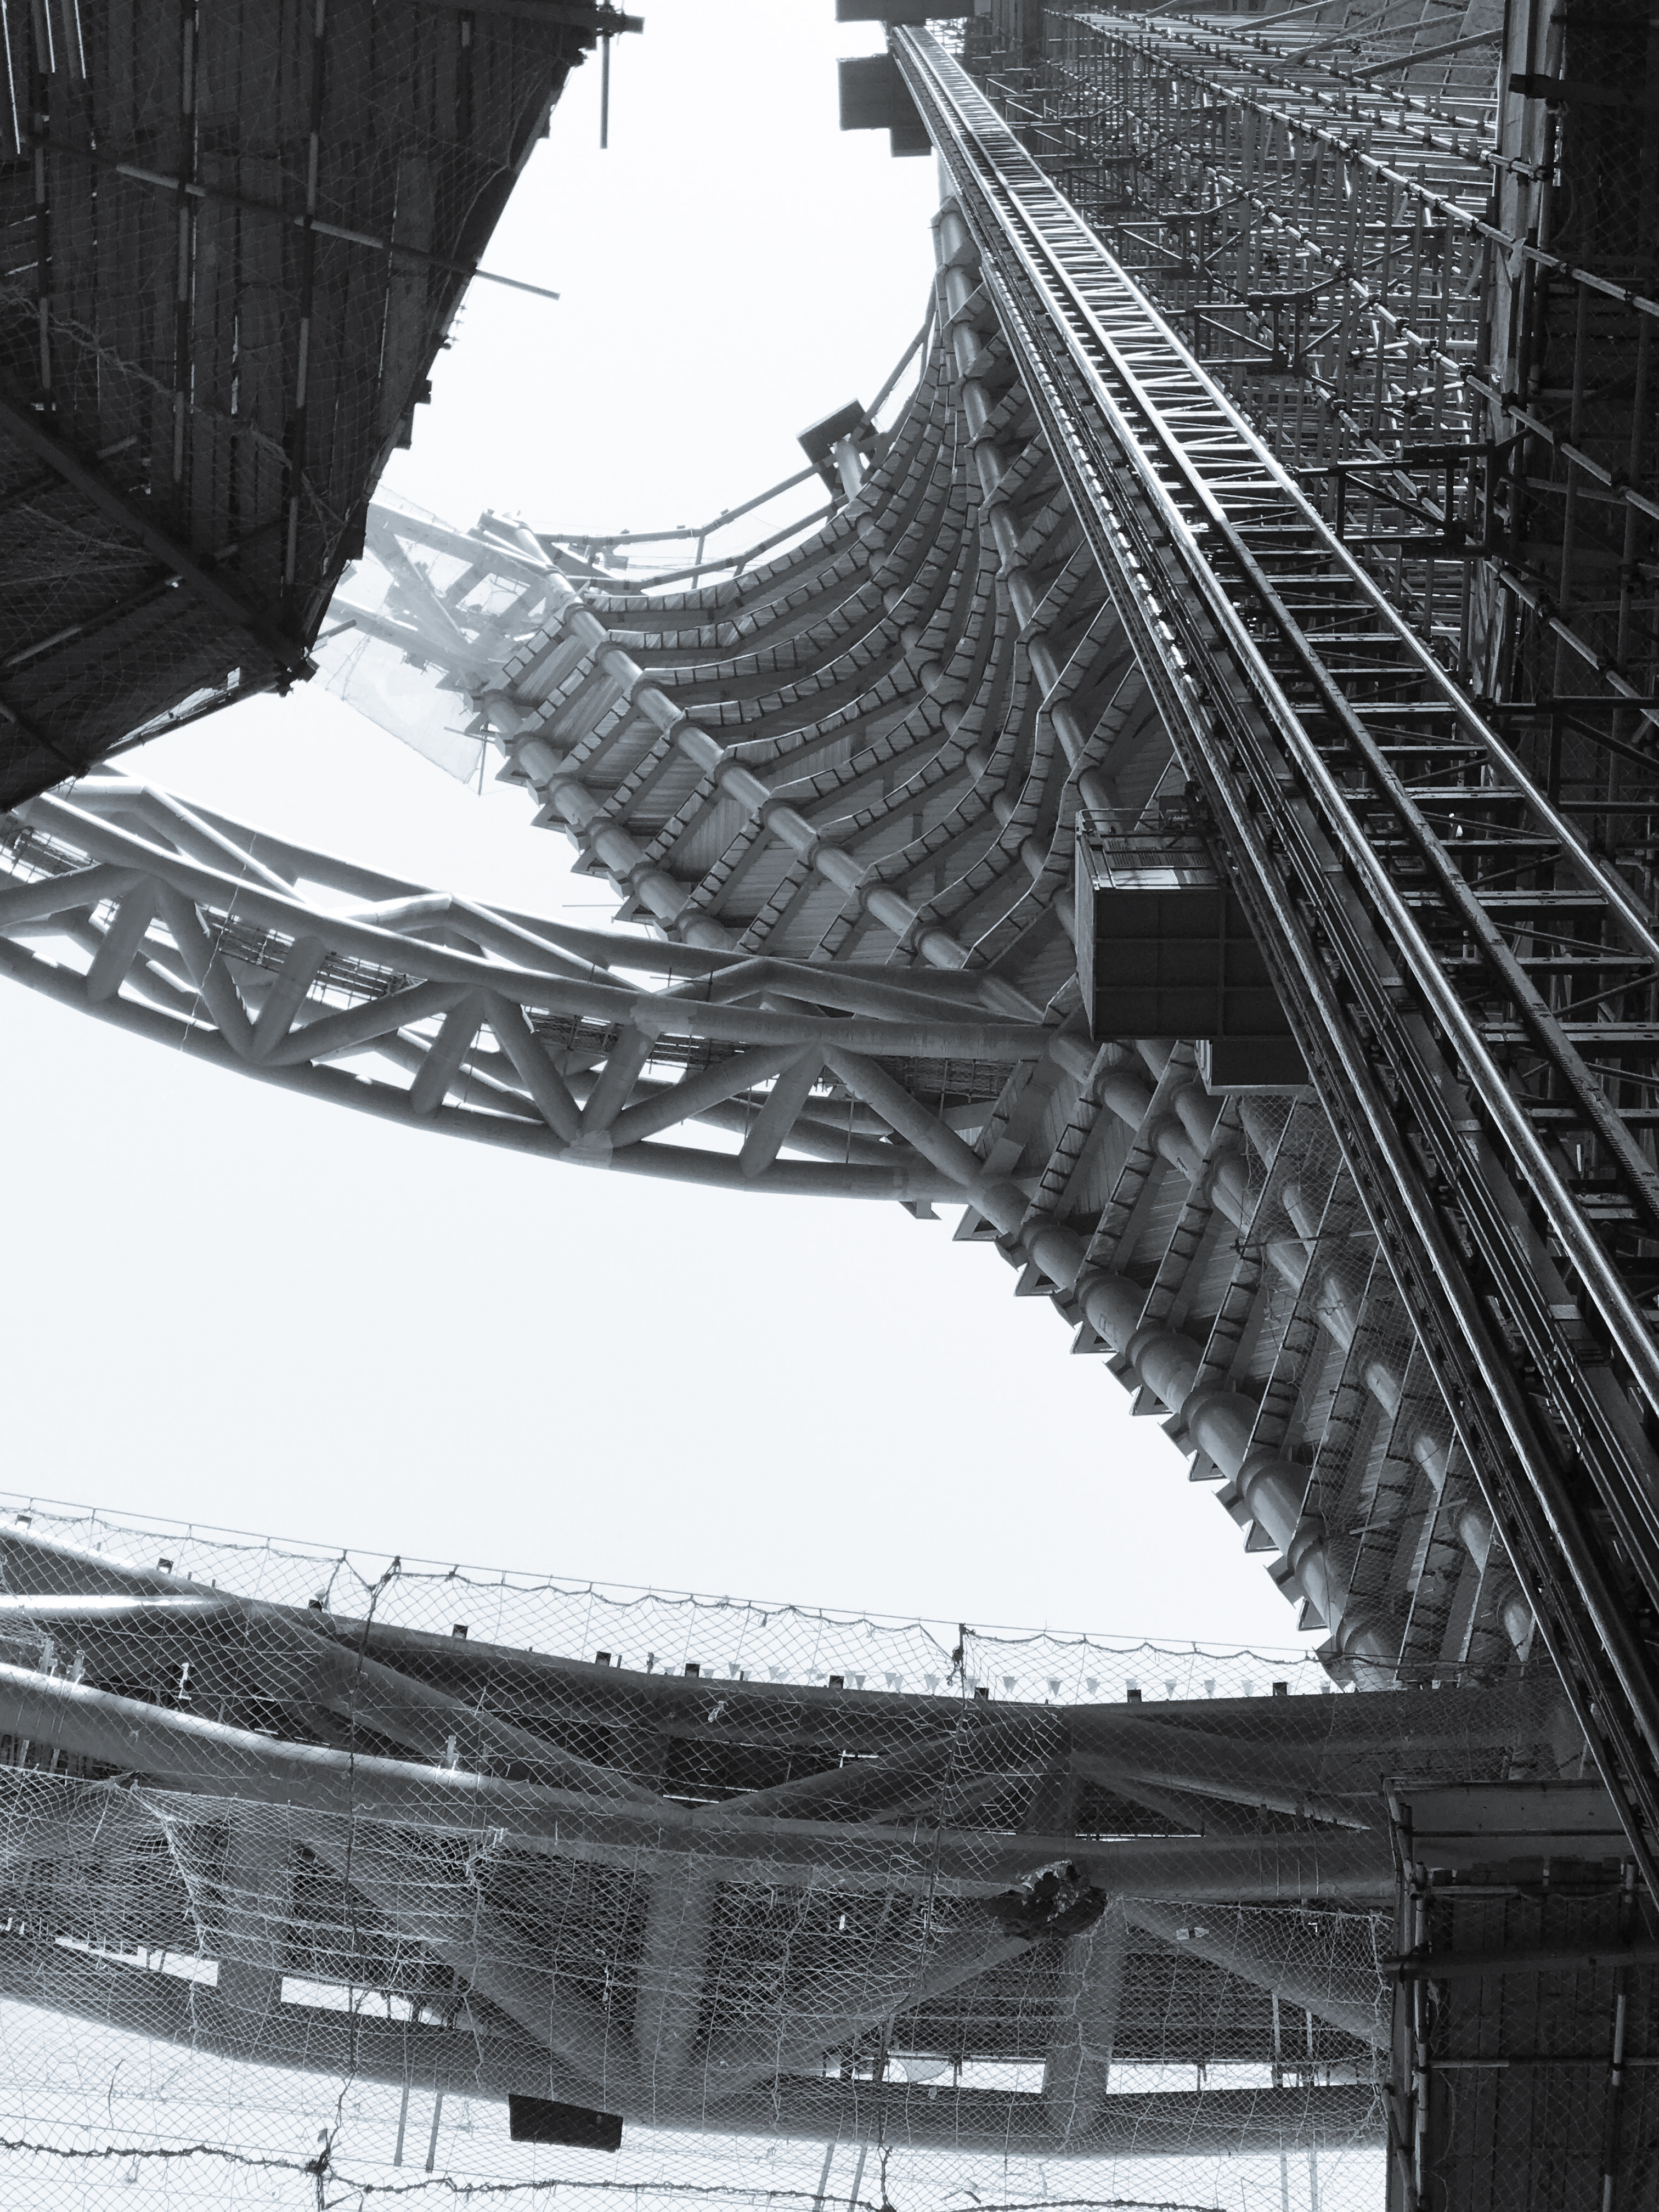 Zaha Hadid's Leeza SOHO Tower Construction Pictures